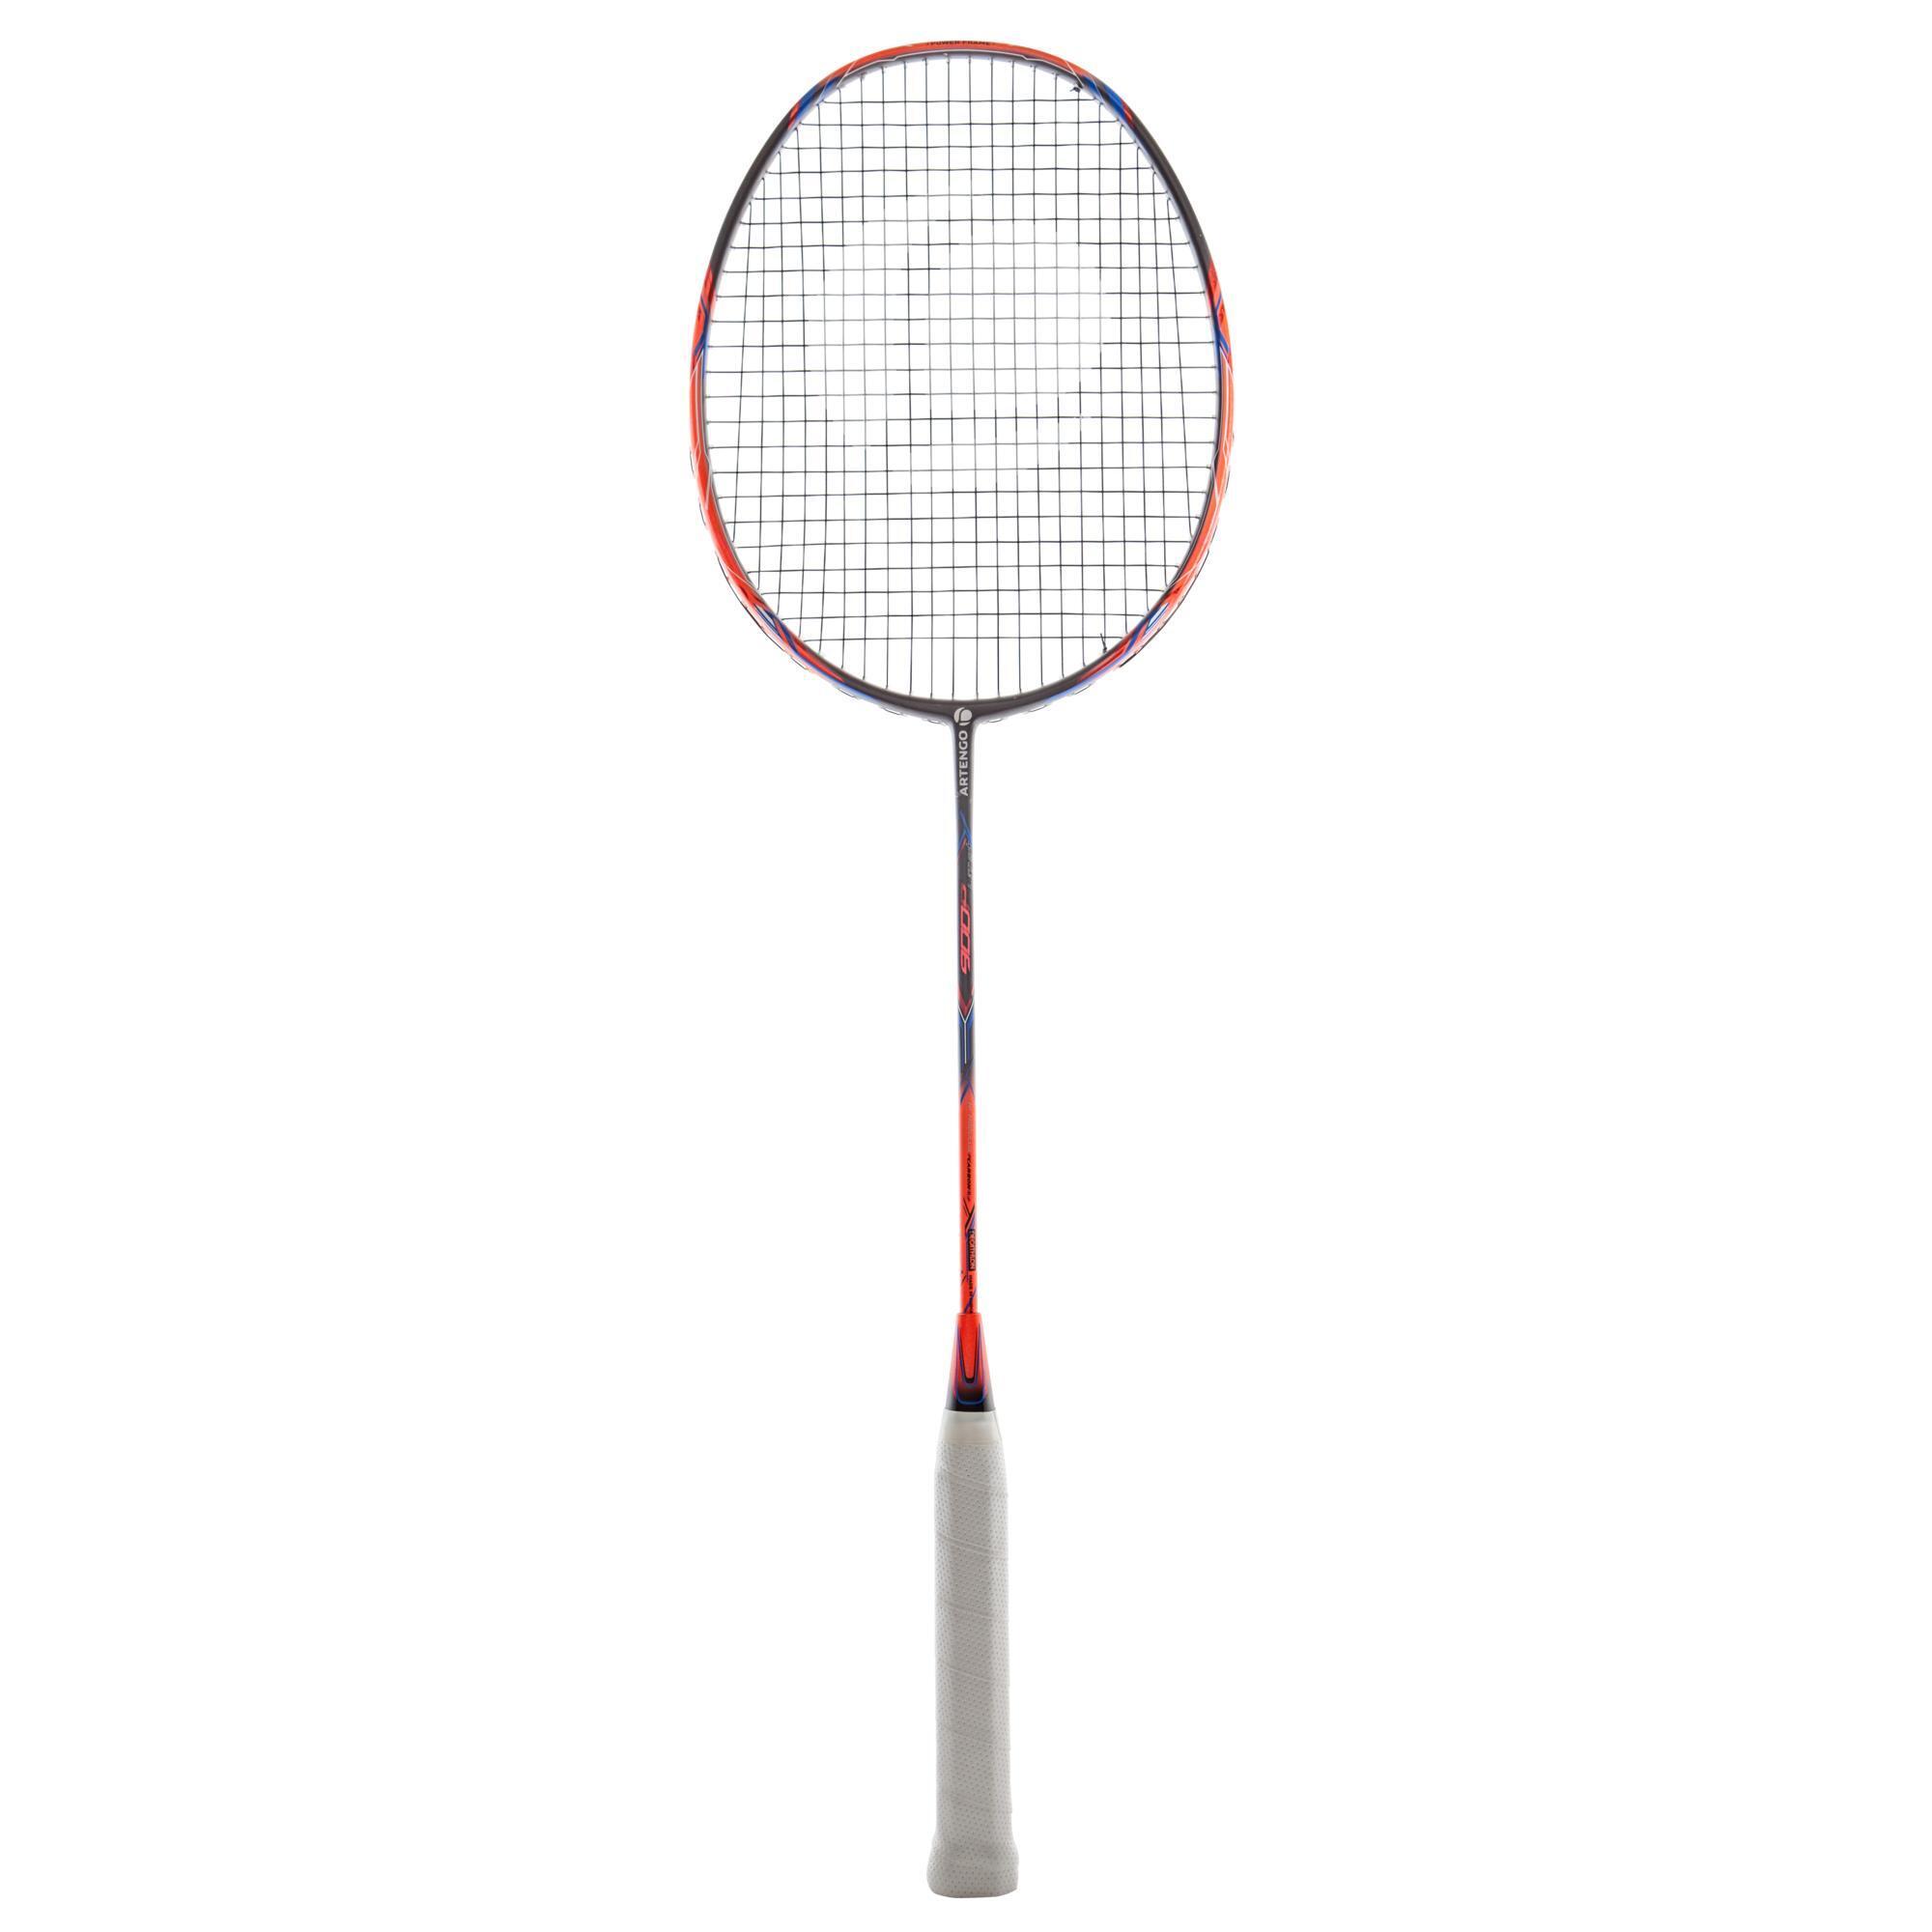 Perfly Badmintonracket BR 900 Ultra Lite P voor volwassenen oranje kopen